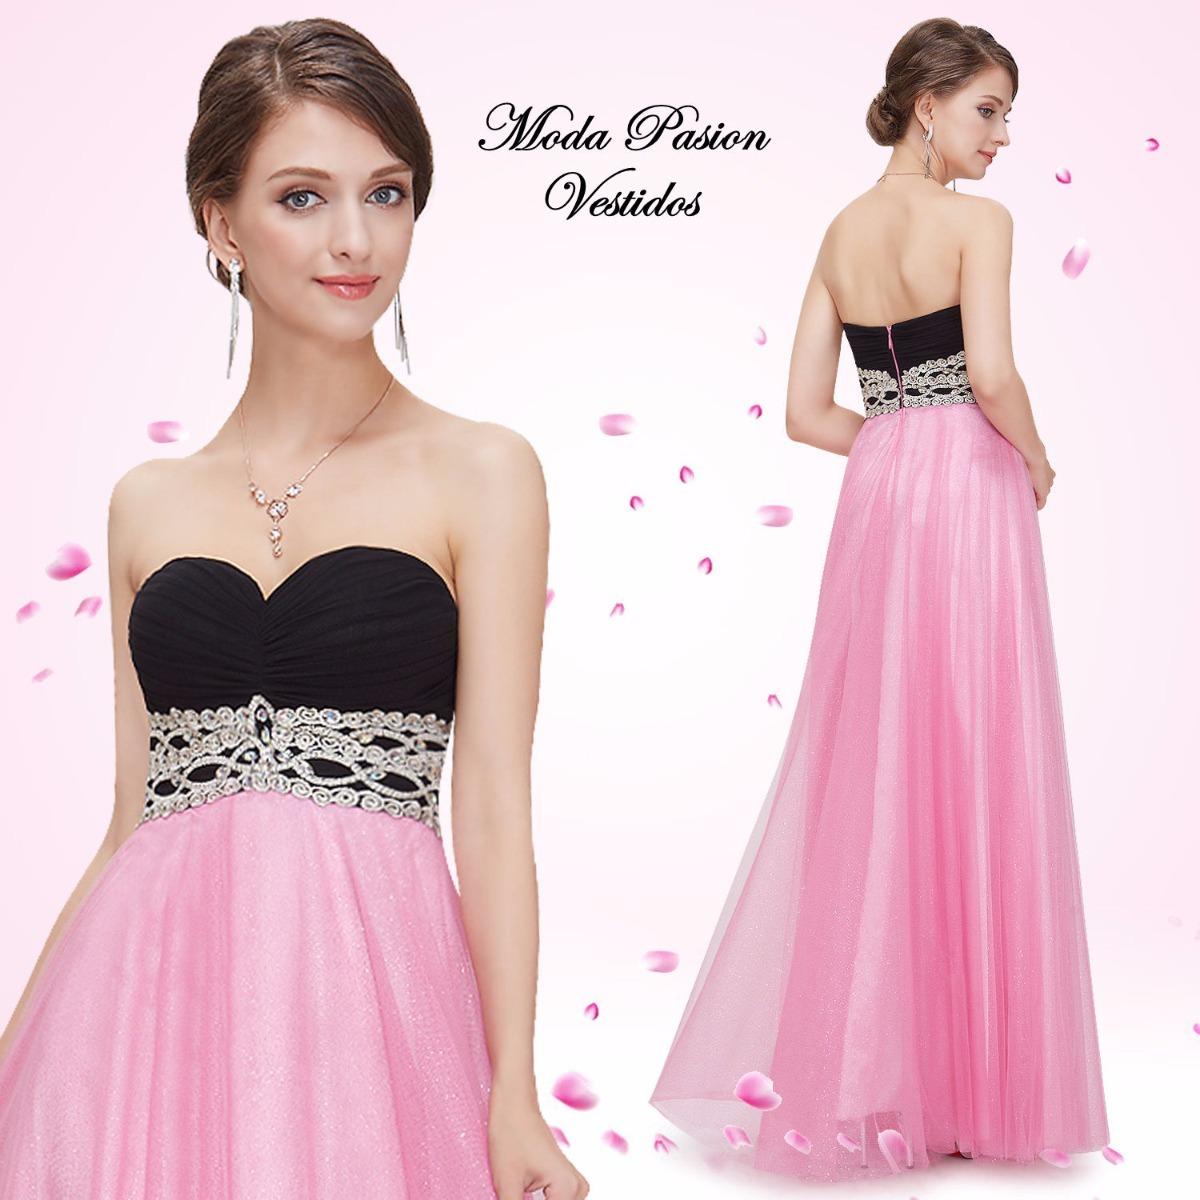 Vestido Princesa Fiesta Largo Straples Corazón Moda Pasión - $ 4.499 ...